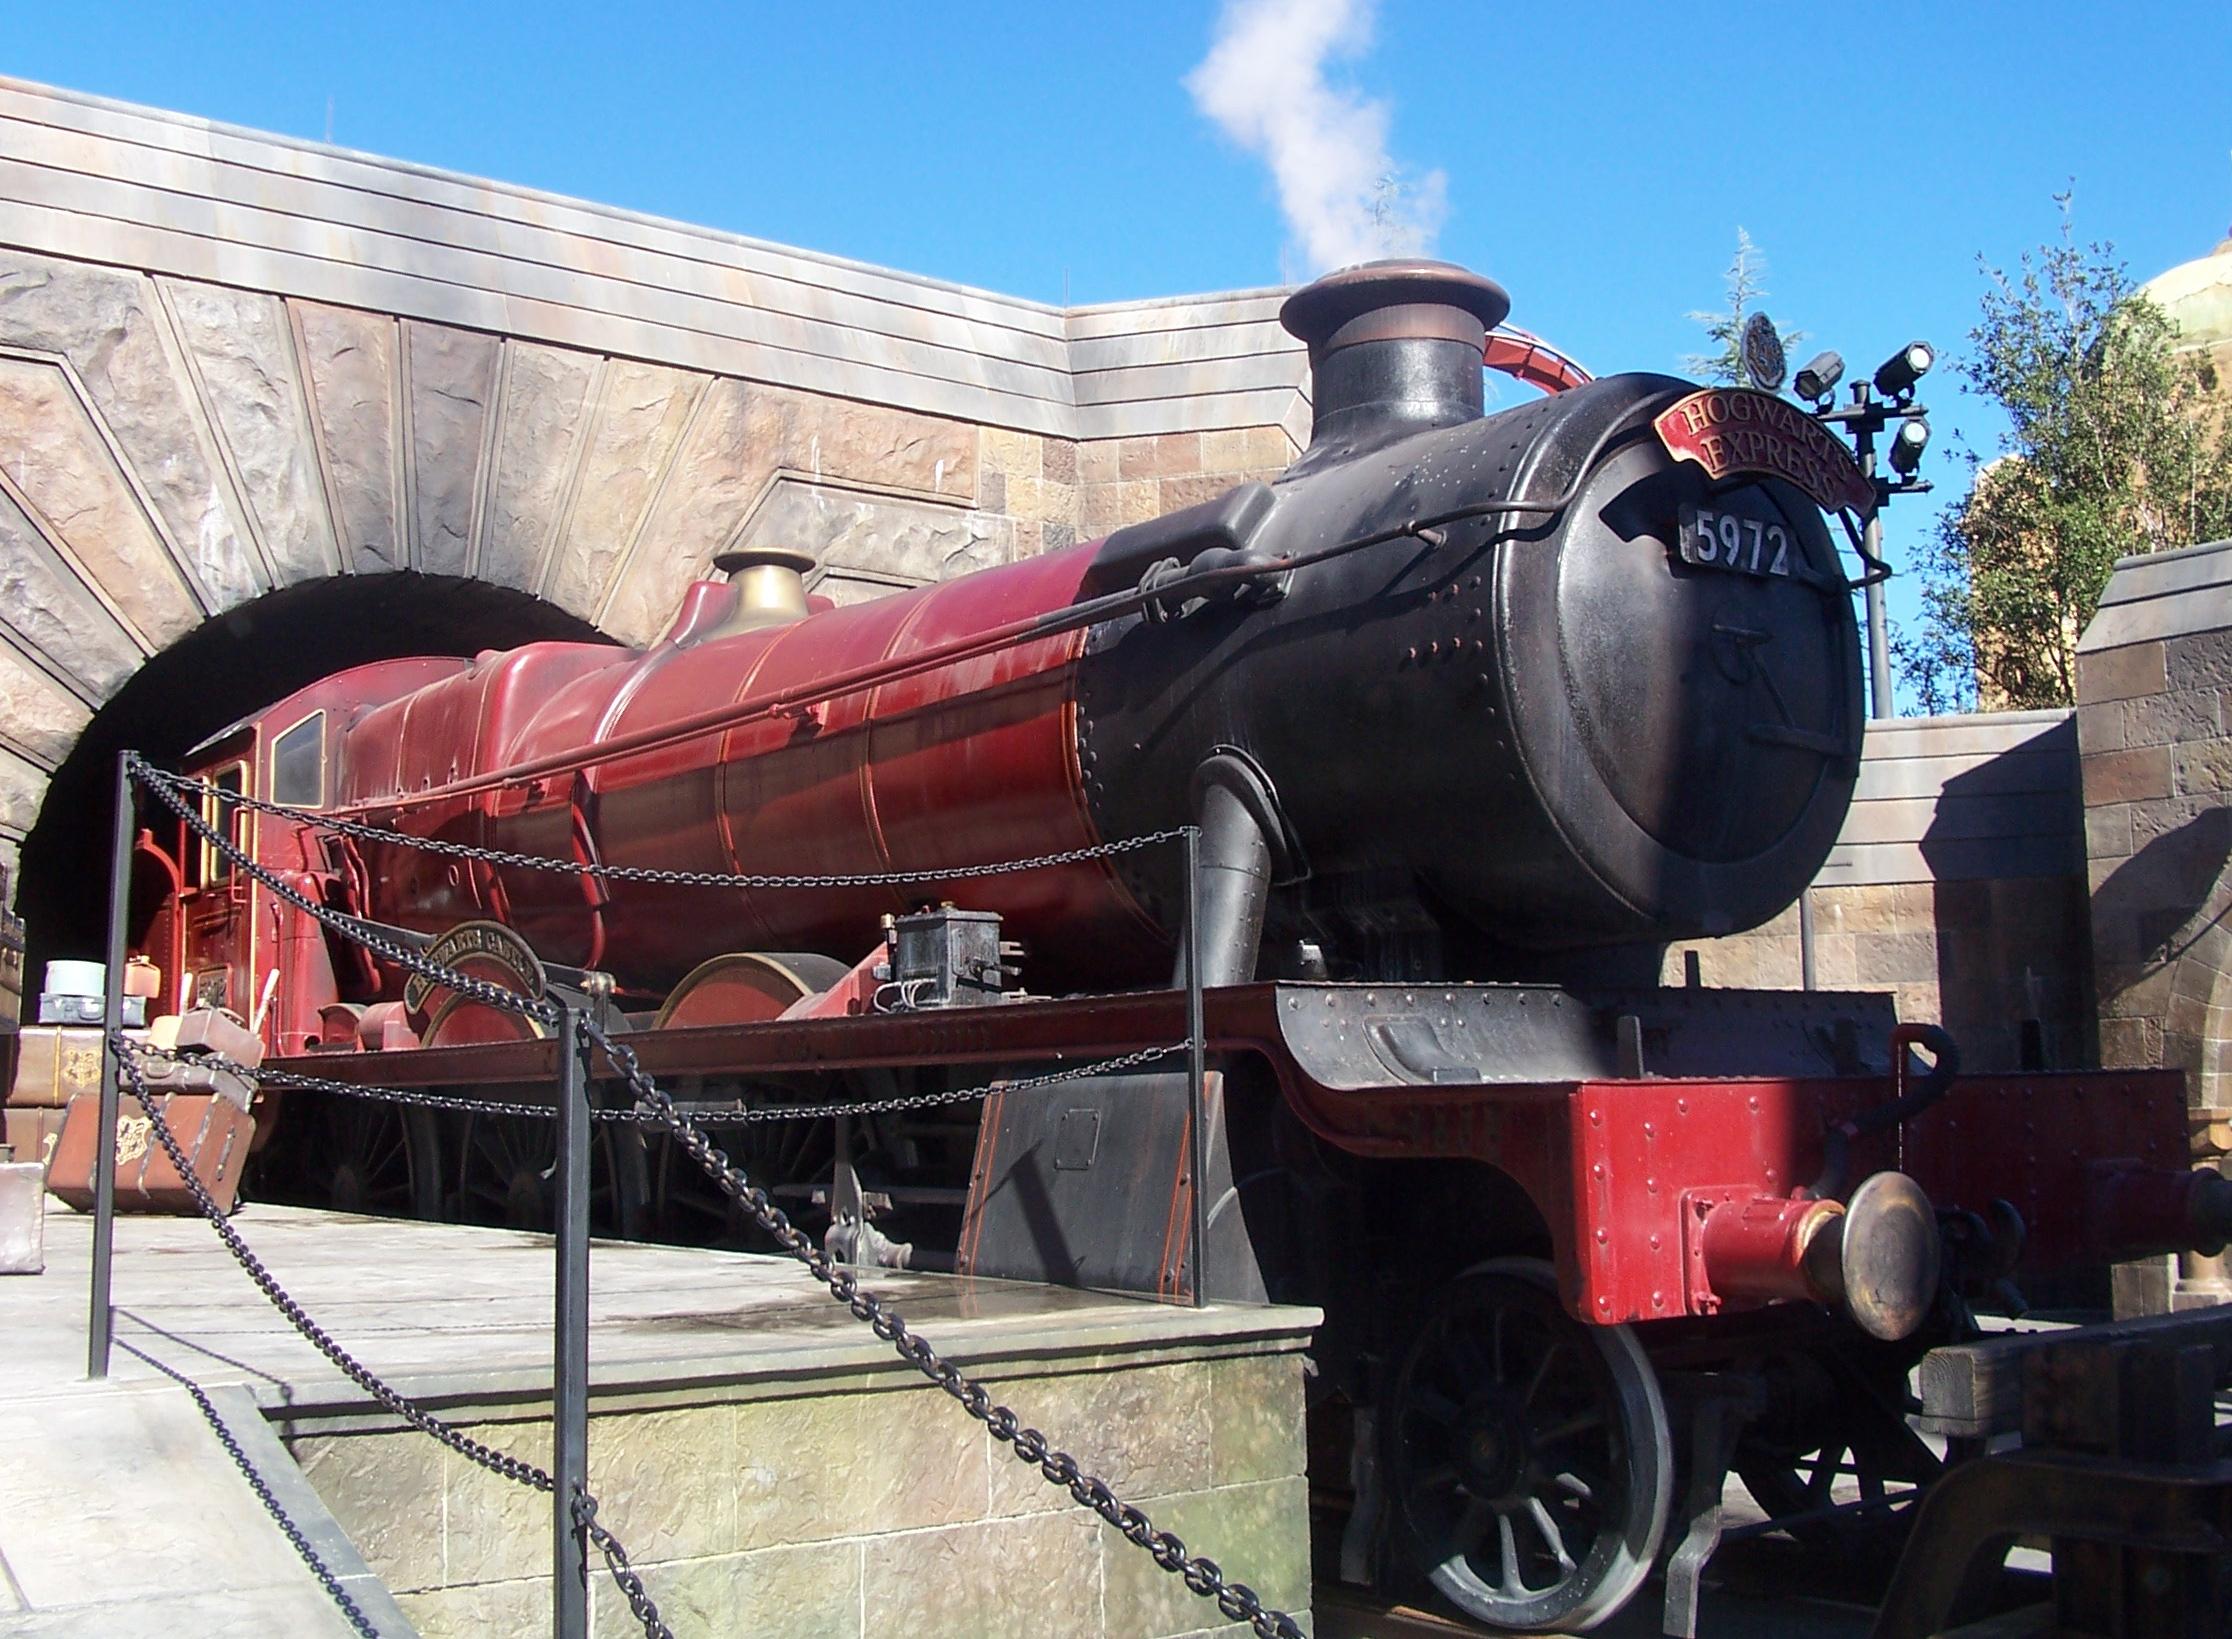 All Aboard the Fantasy Train!